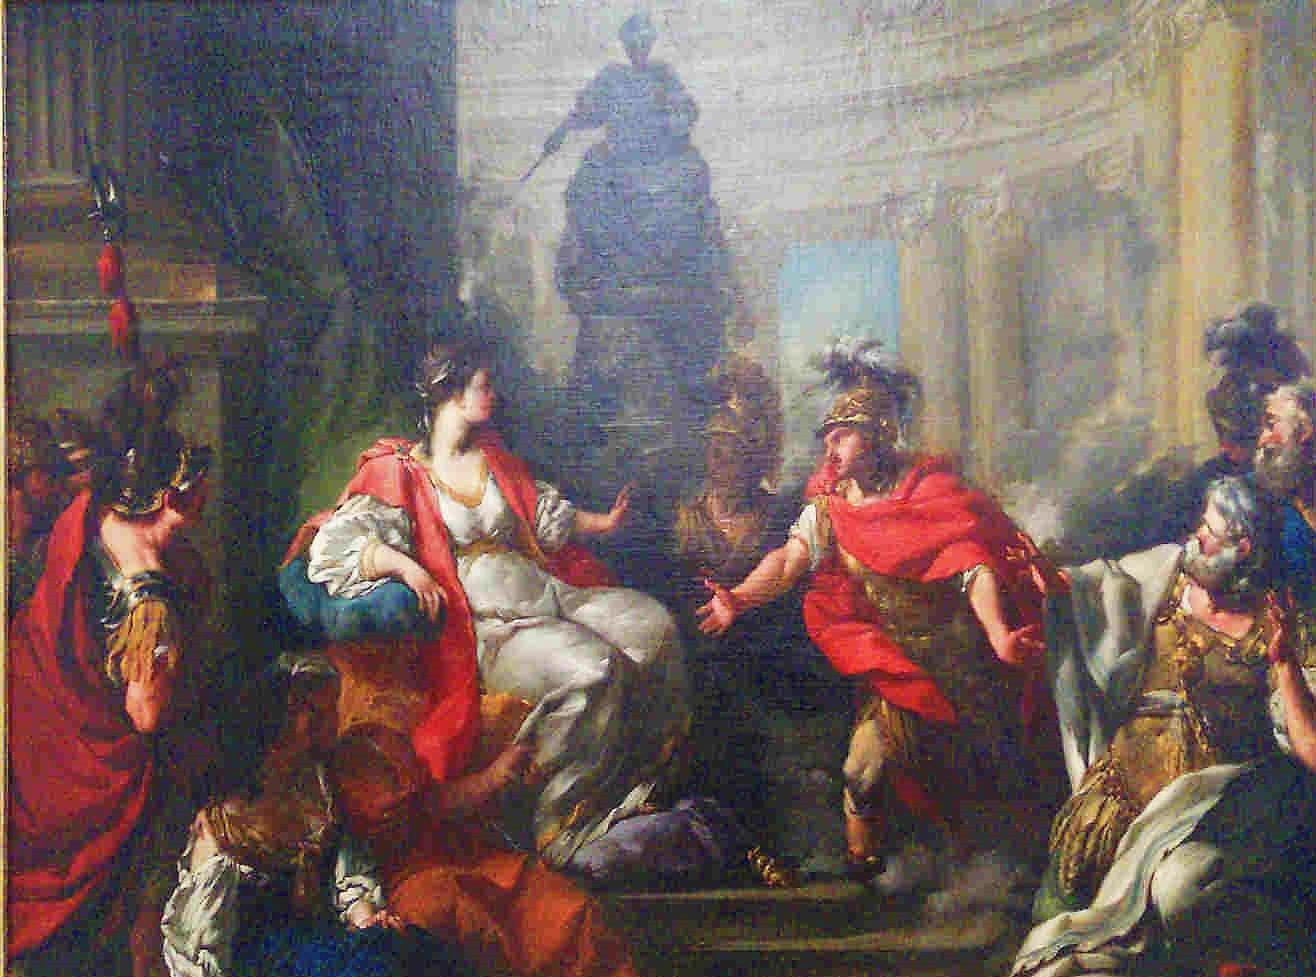 Anonyme 1750-60 Rencontre de Didon et Enee Musee de Nancy